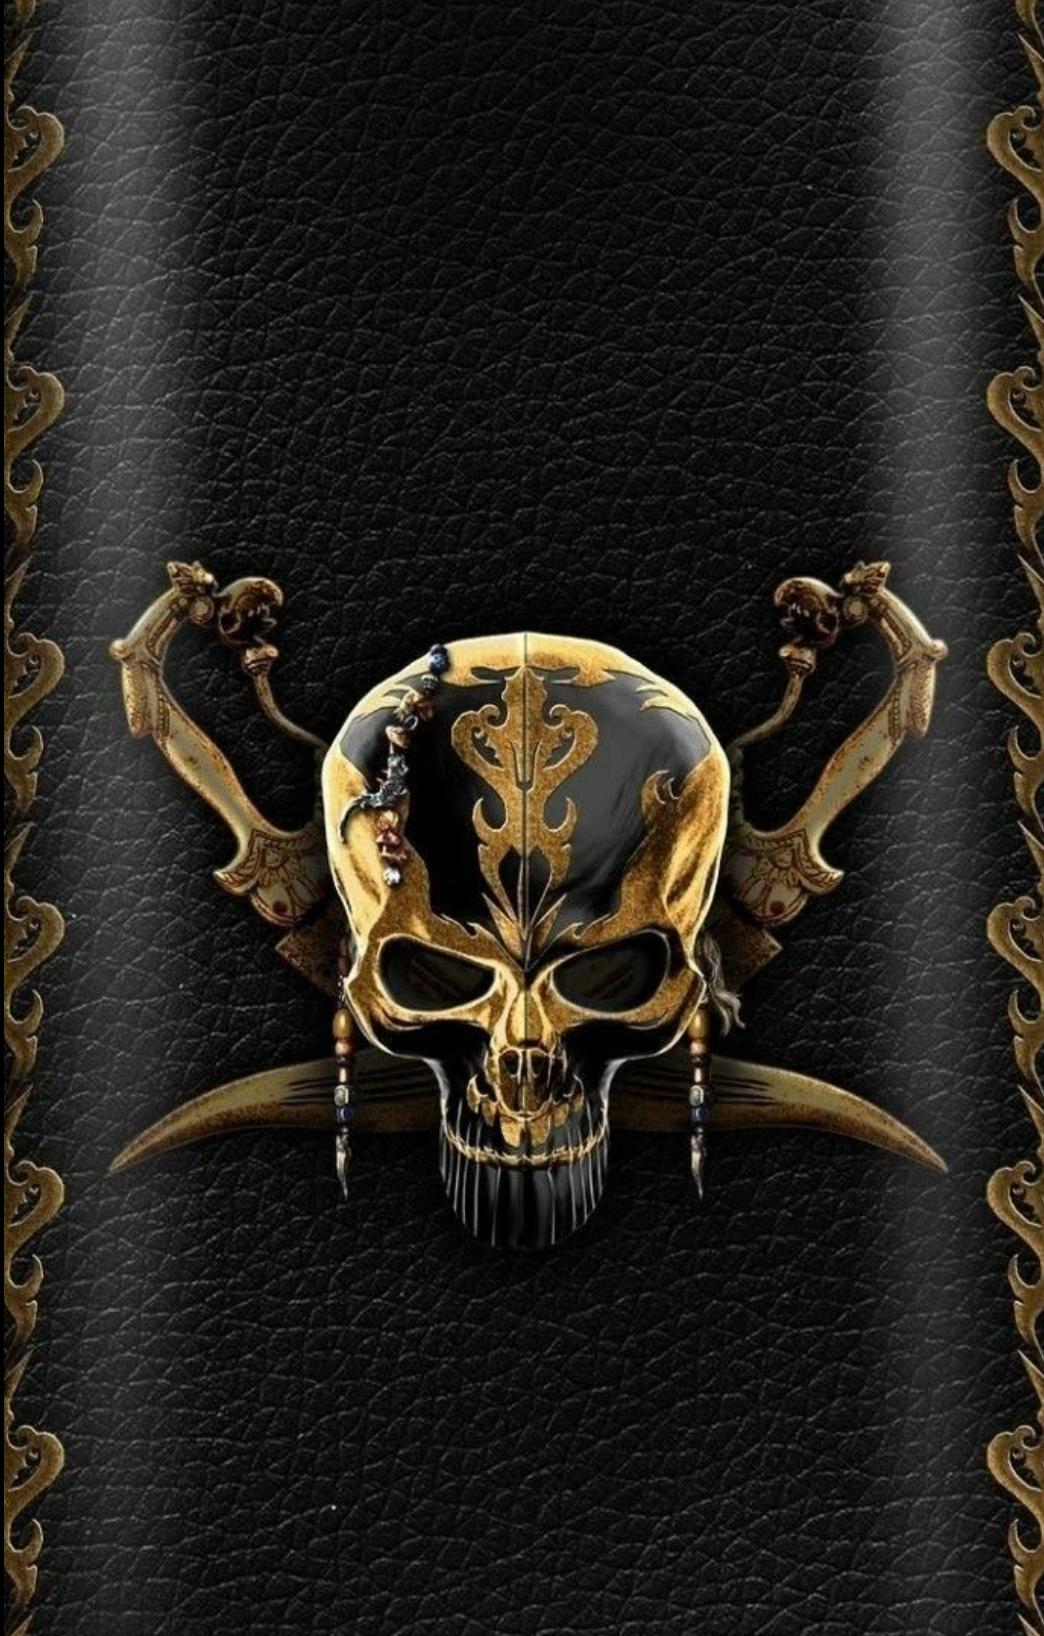 Pin by 3 Sisters Rum on Sкυℓℓz/Bσиz/Rєαρєяz ☠️ Skull